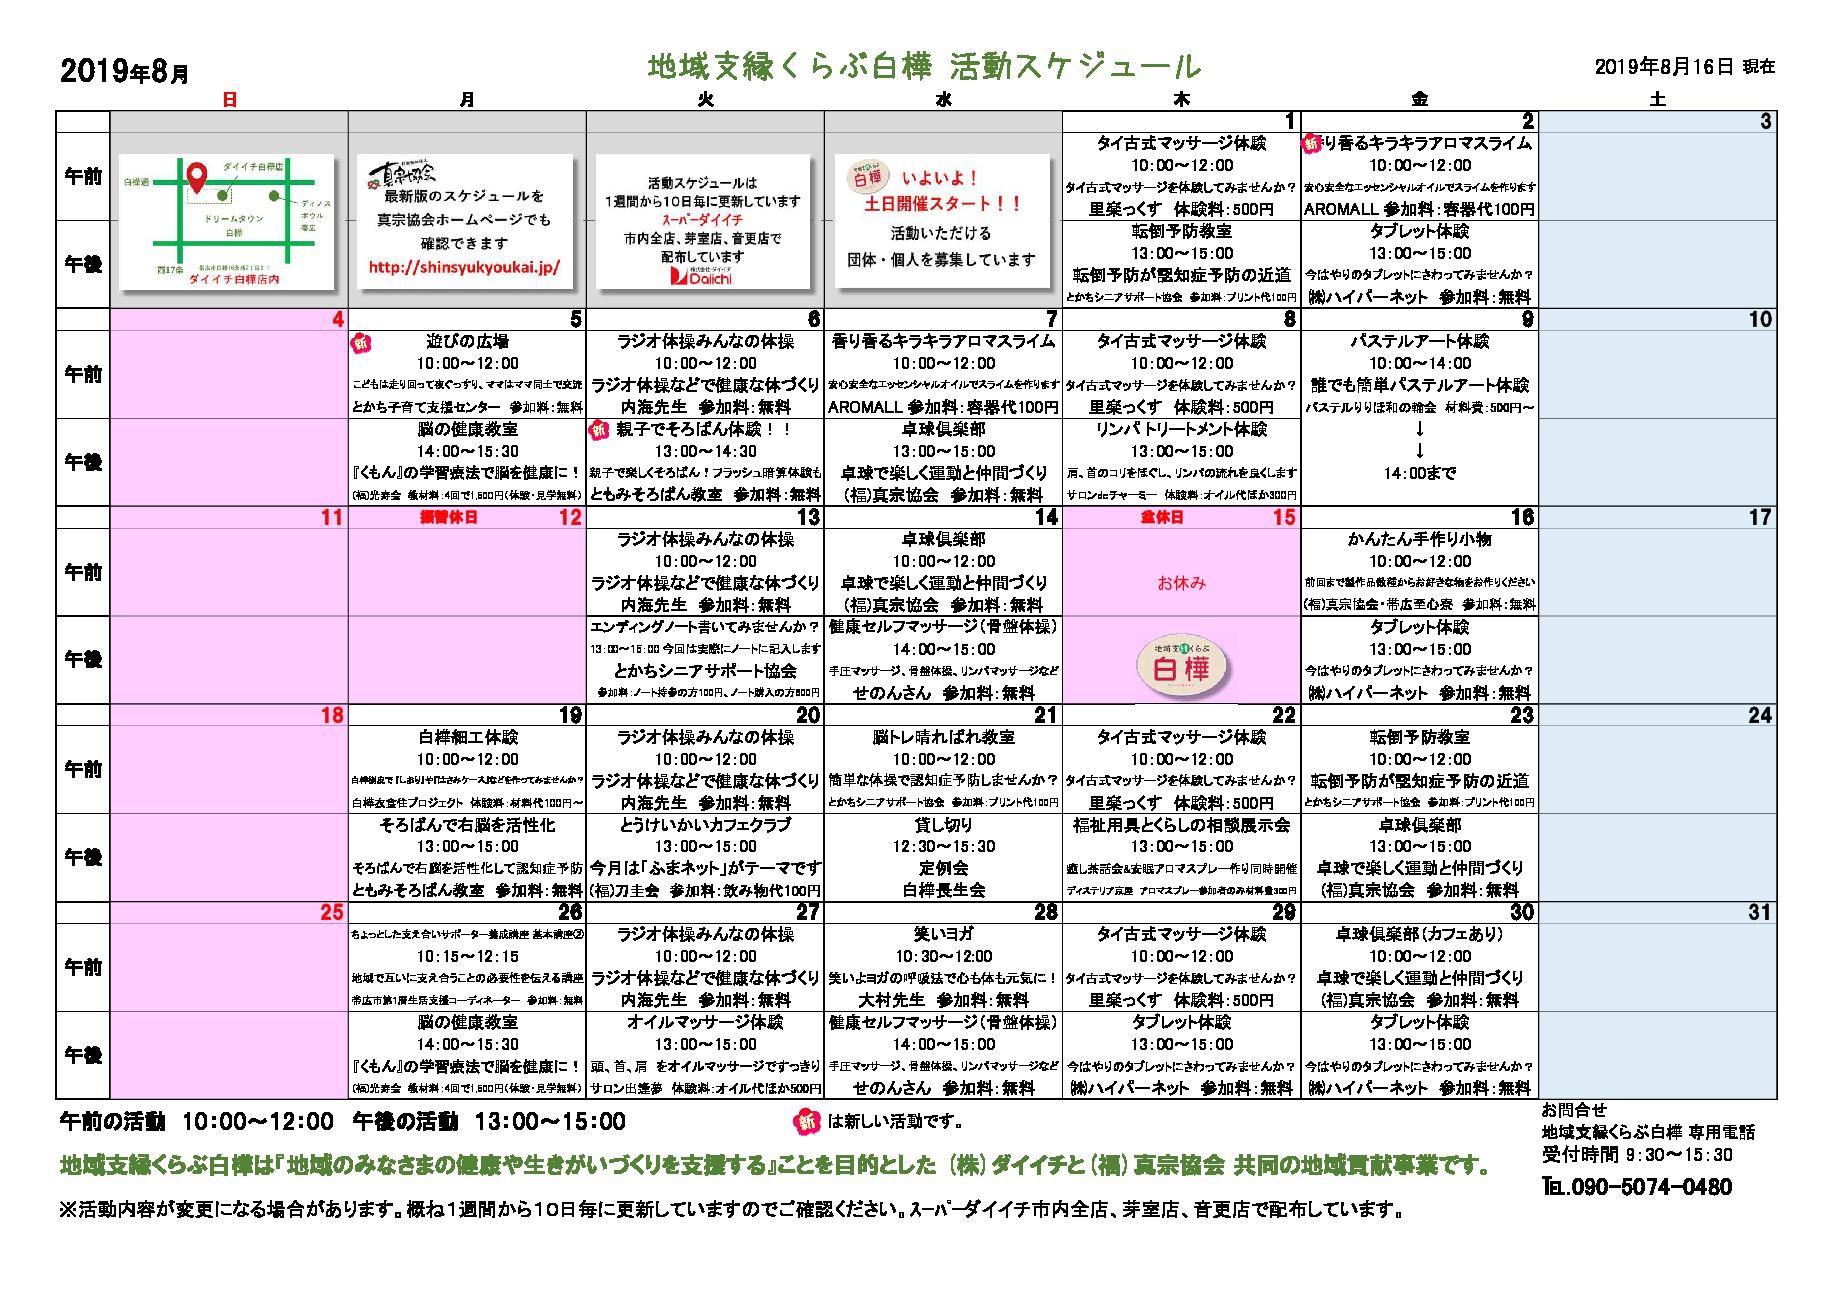 2019活動スケジュール8(2019.8.16付)のサムネイル